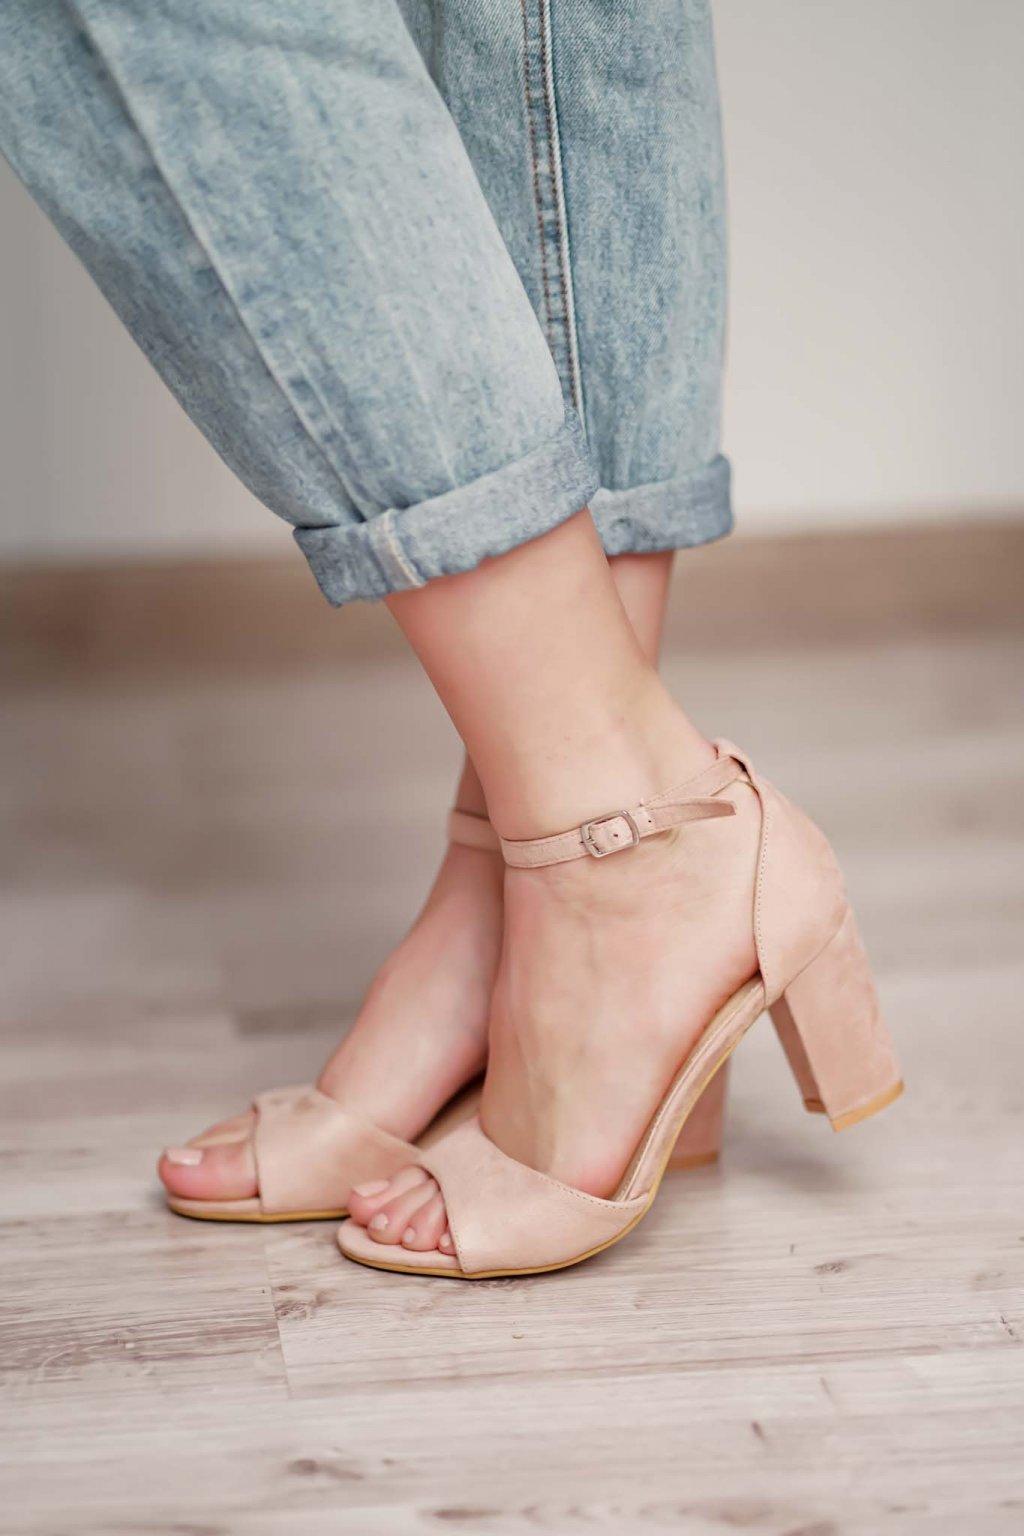 topánky, obuv, tenisky, botasky, lodičky, čižmy, šľapky, sandálky 491